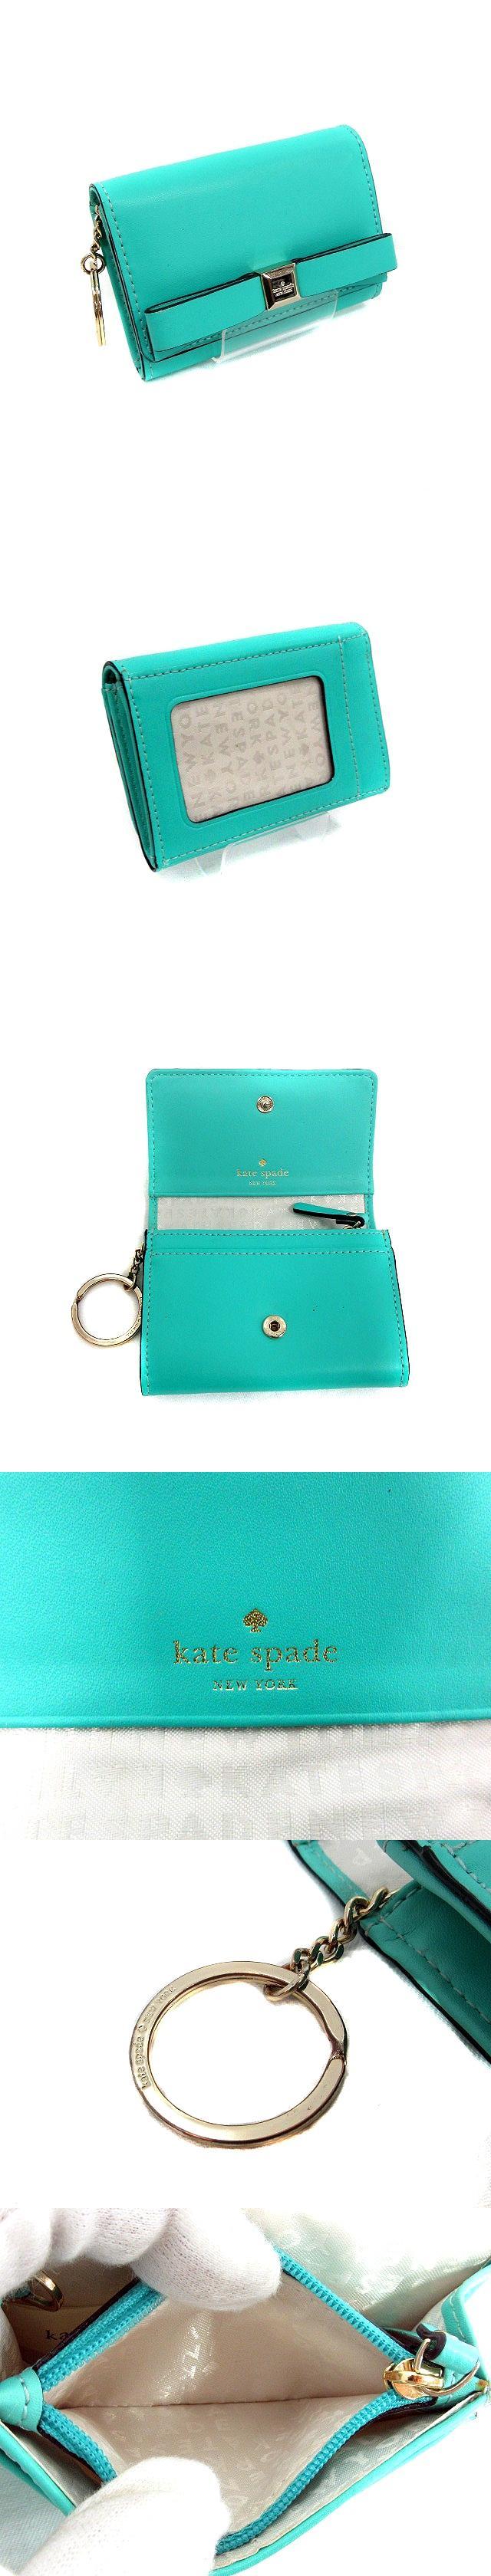 パスケース 定期入れ コインケース キーリング 小銭入れ レザー リボン 緑 ミントグリーン /TI